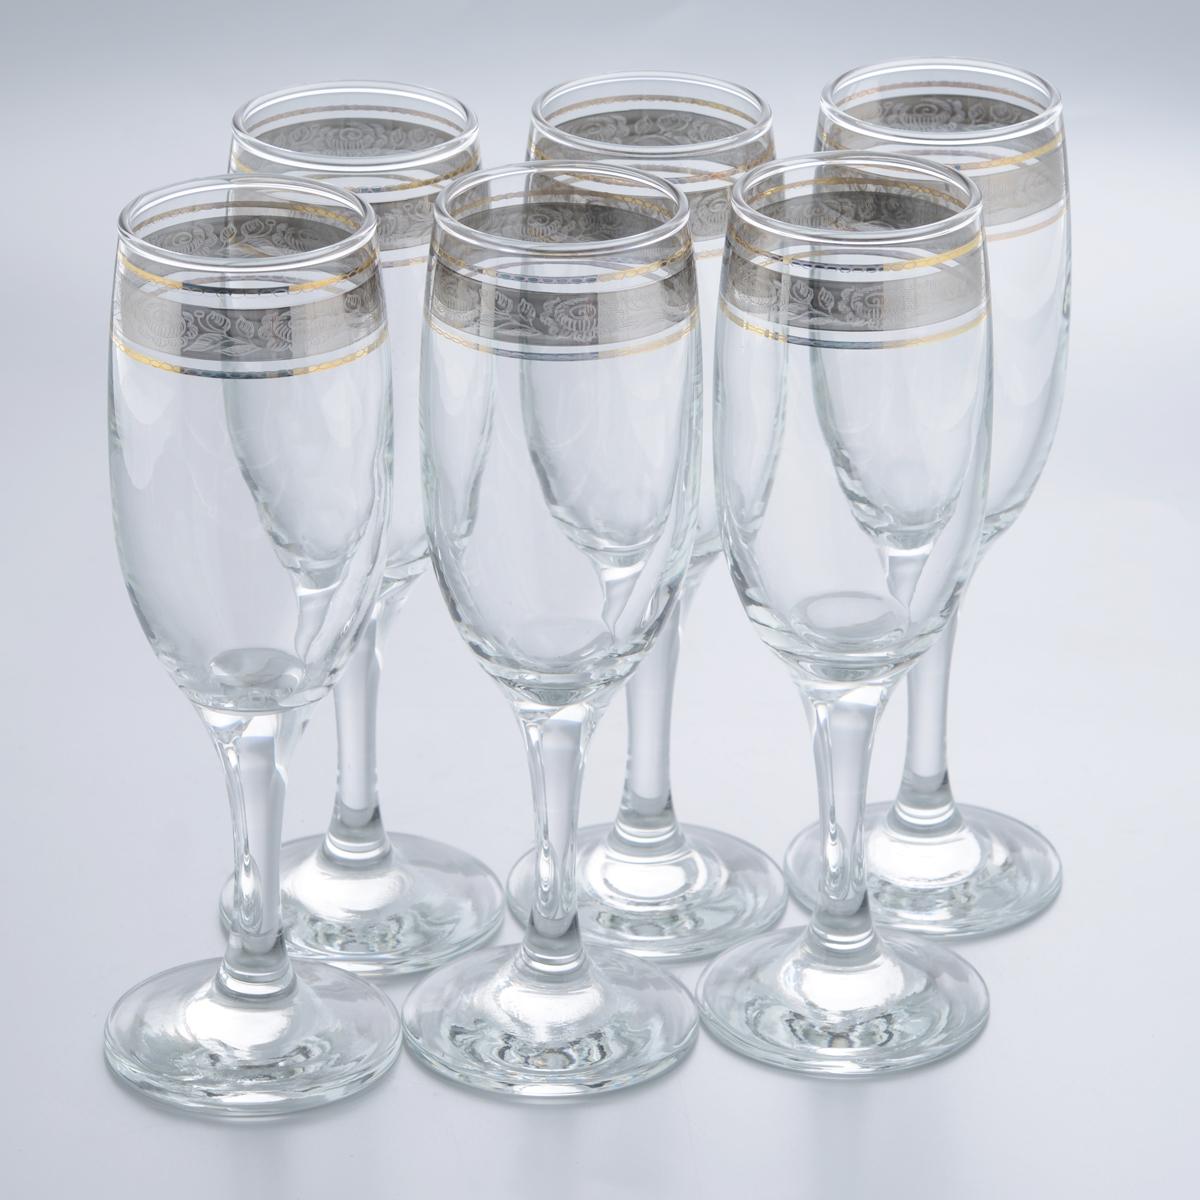 Набор бокалов Гусь-Хрустальный Первоцвет, 190 мл, 6 шт набор бокалов для бренди гусь хрустальный версаче 400 мл 6 шт